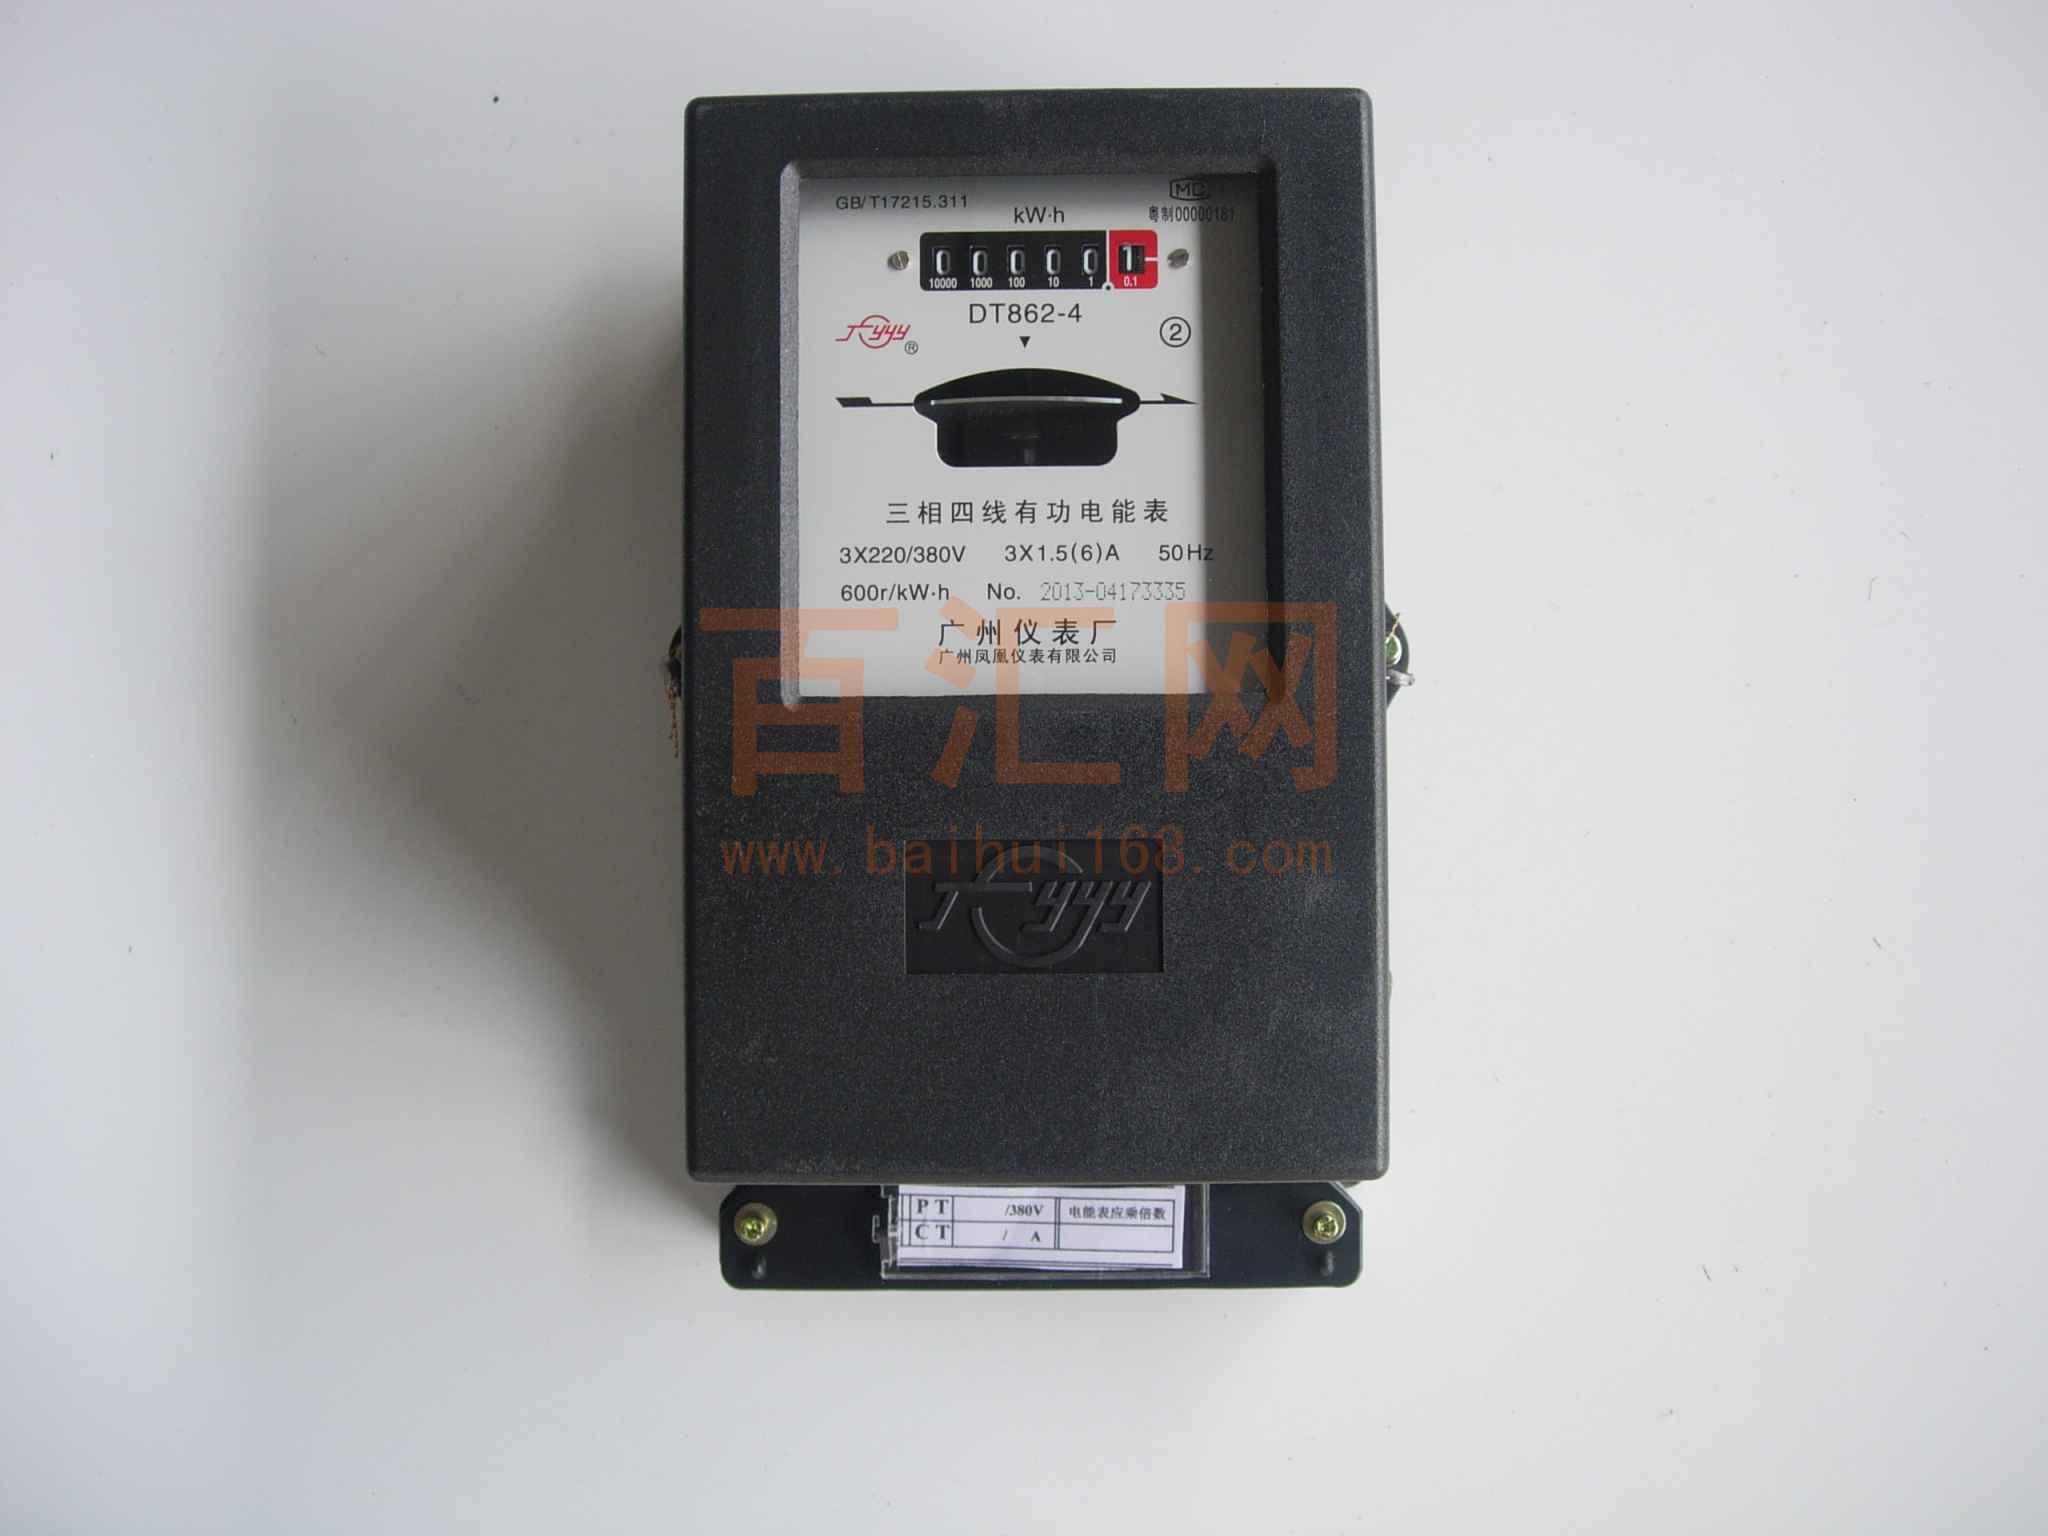 2级 dt862-4 广州凤凰仪表厂 机械式电度表 电度表 电表